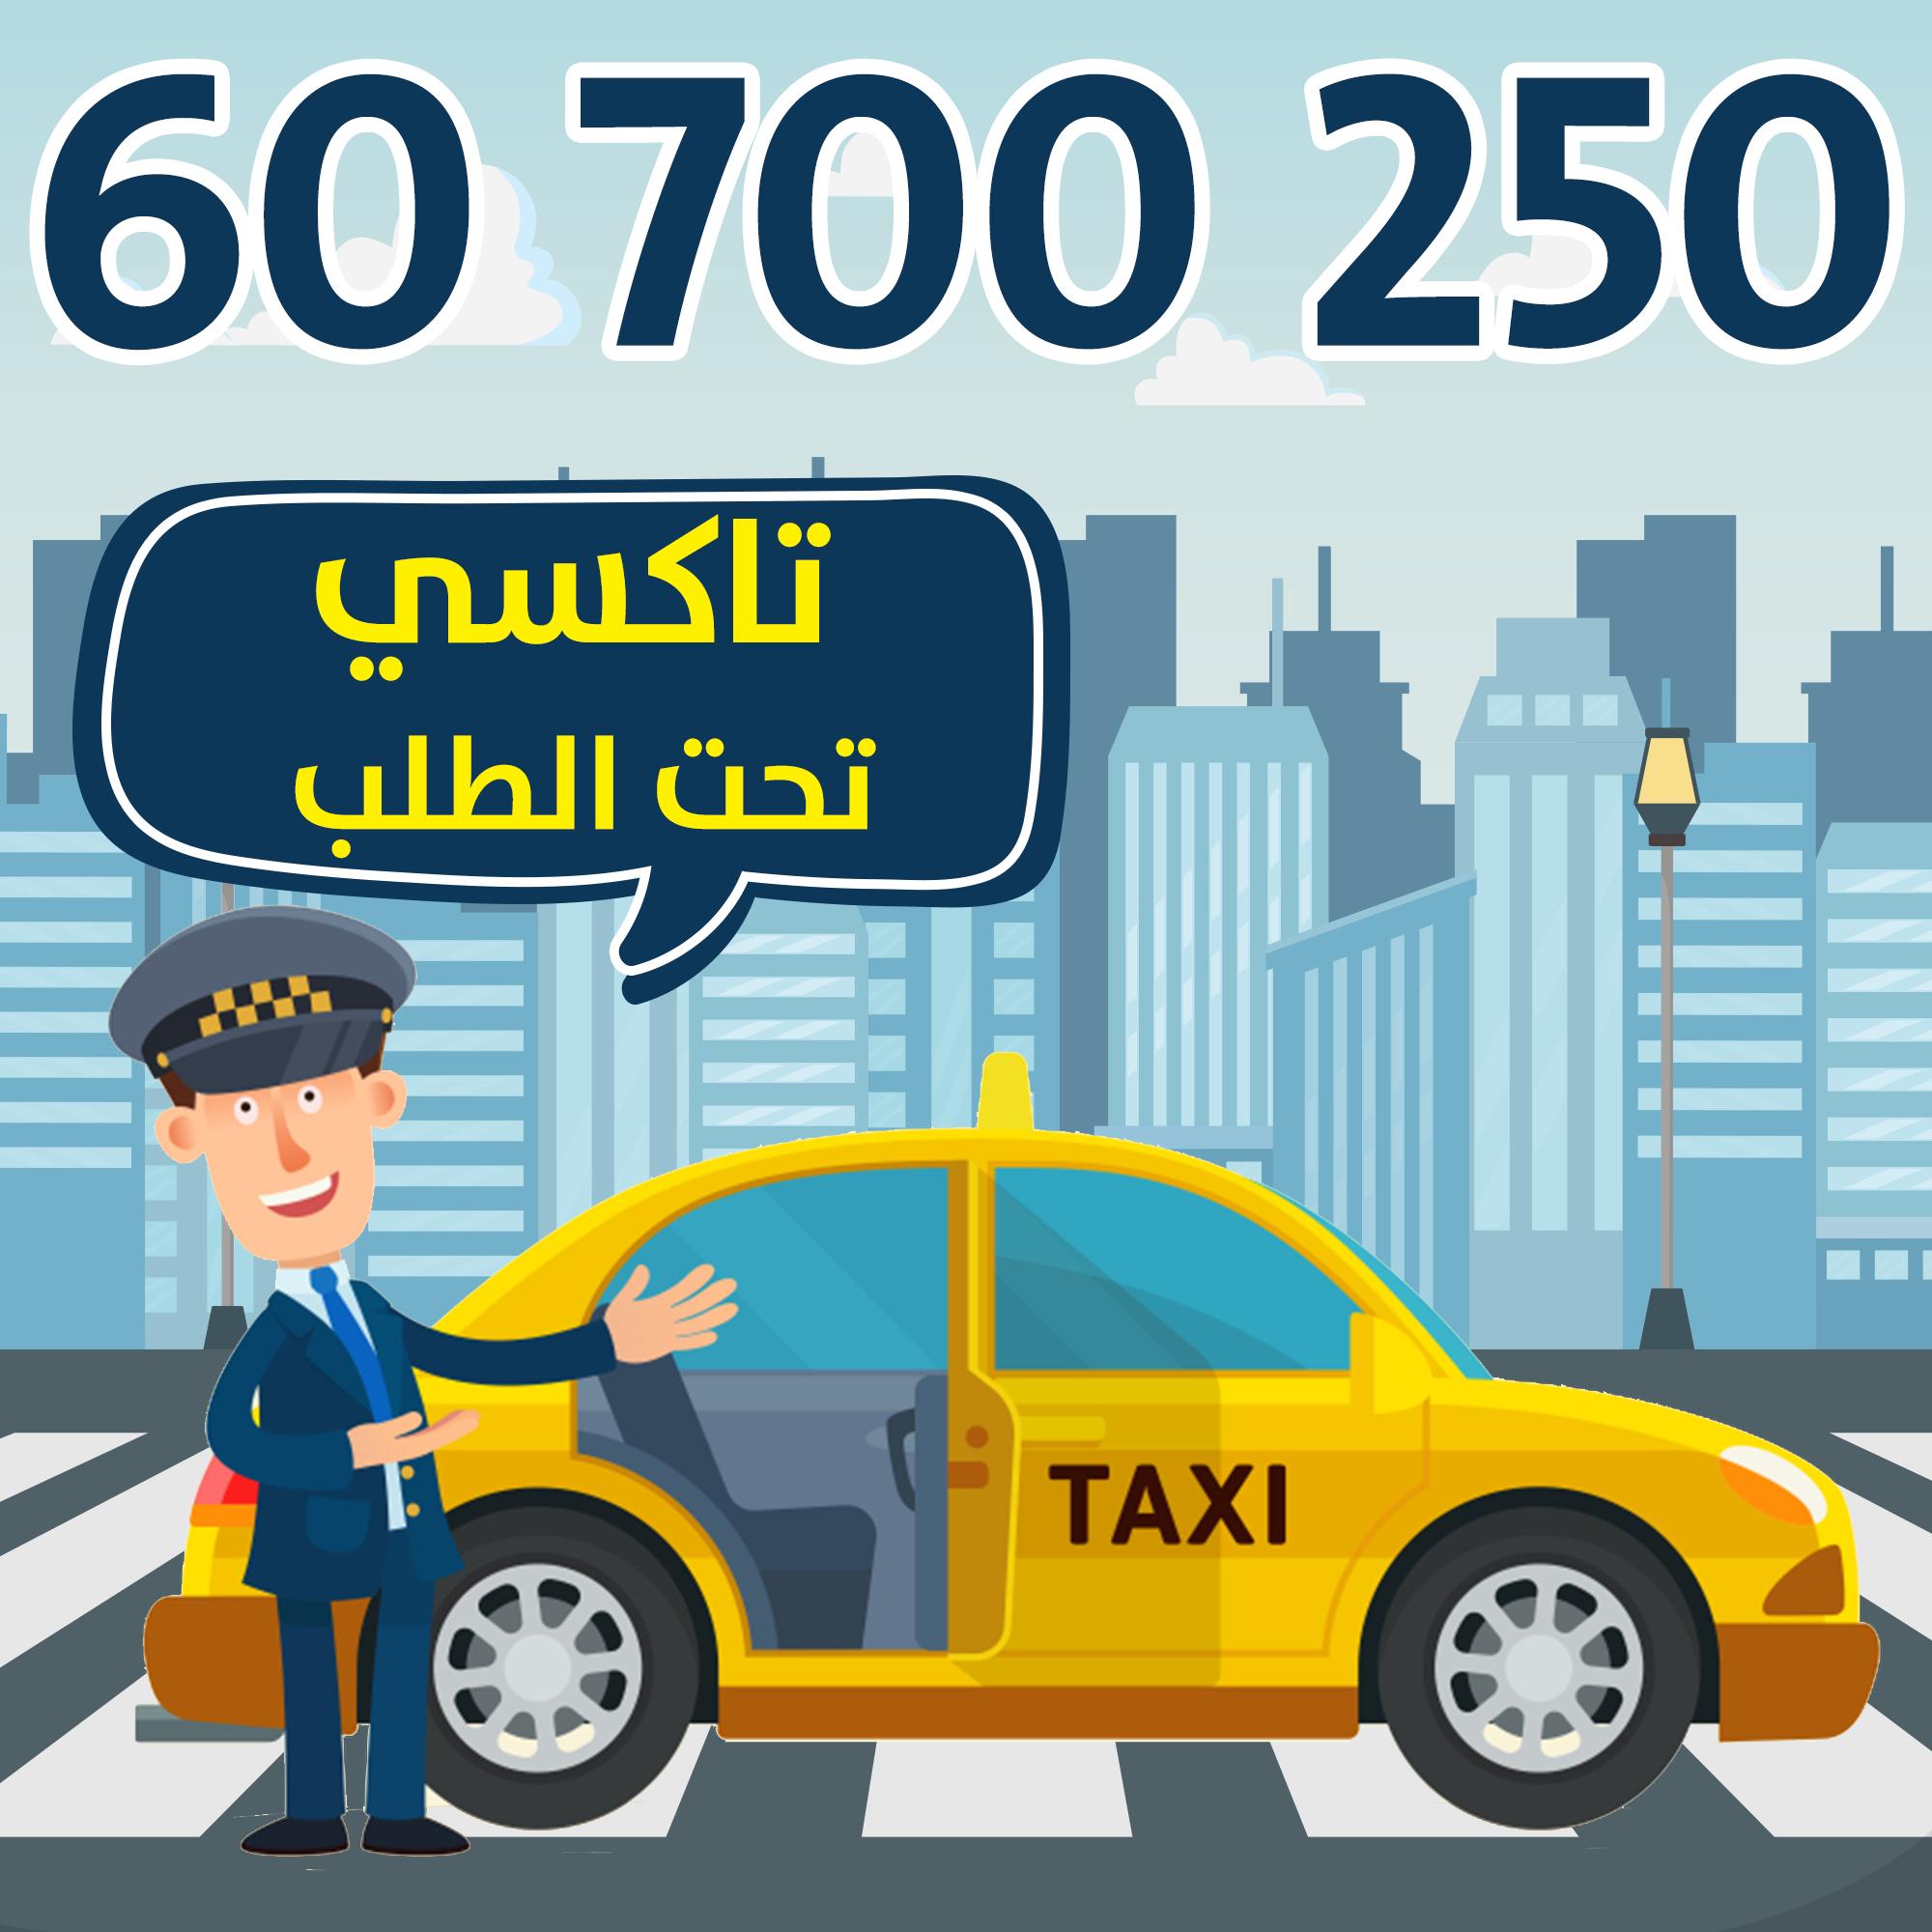 تاكسي توصيلة في شارع عبد الله الخلف السعيد